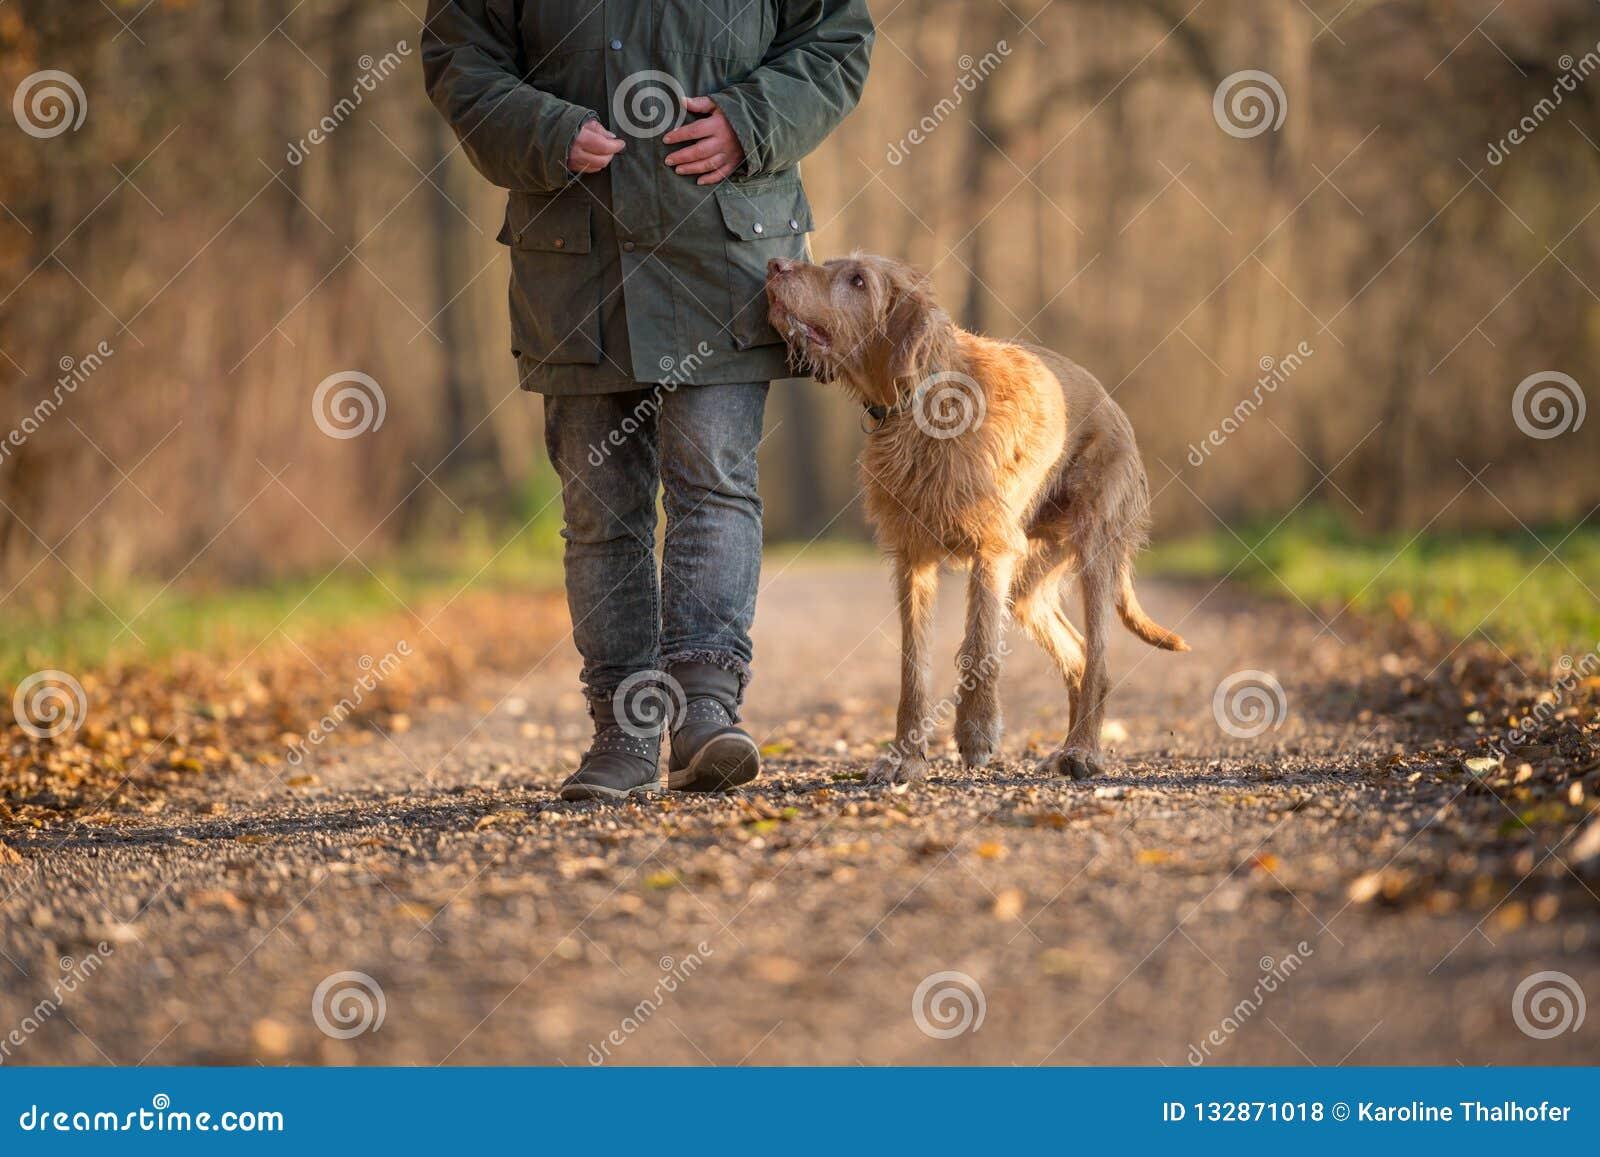 Frau geht in einen Herbstwald mit ihrem ungarischen vizla Hund